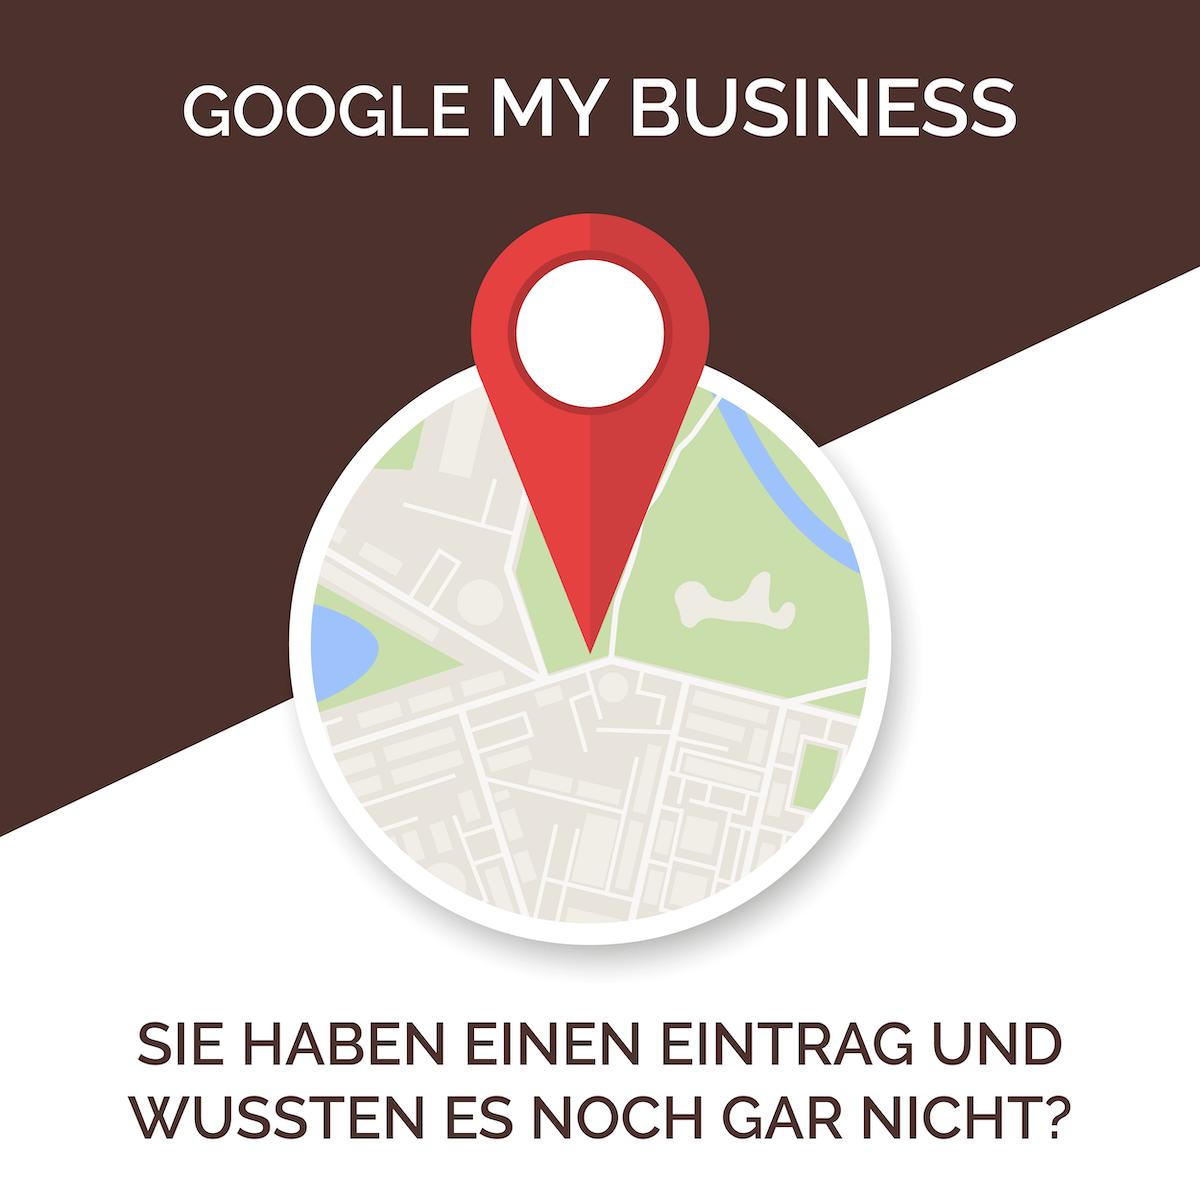 geschmacksRaum_WERBEAGENTUR_Google_My_Business-Sie_haben_einen_Eintrag_und_wussten_es_noch_gar_nicht-t